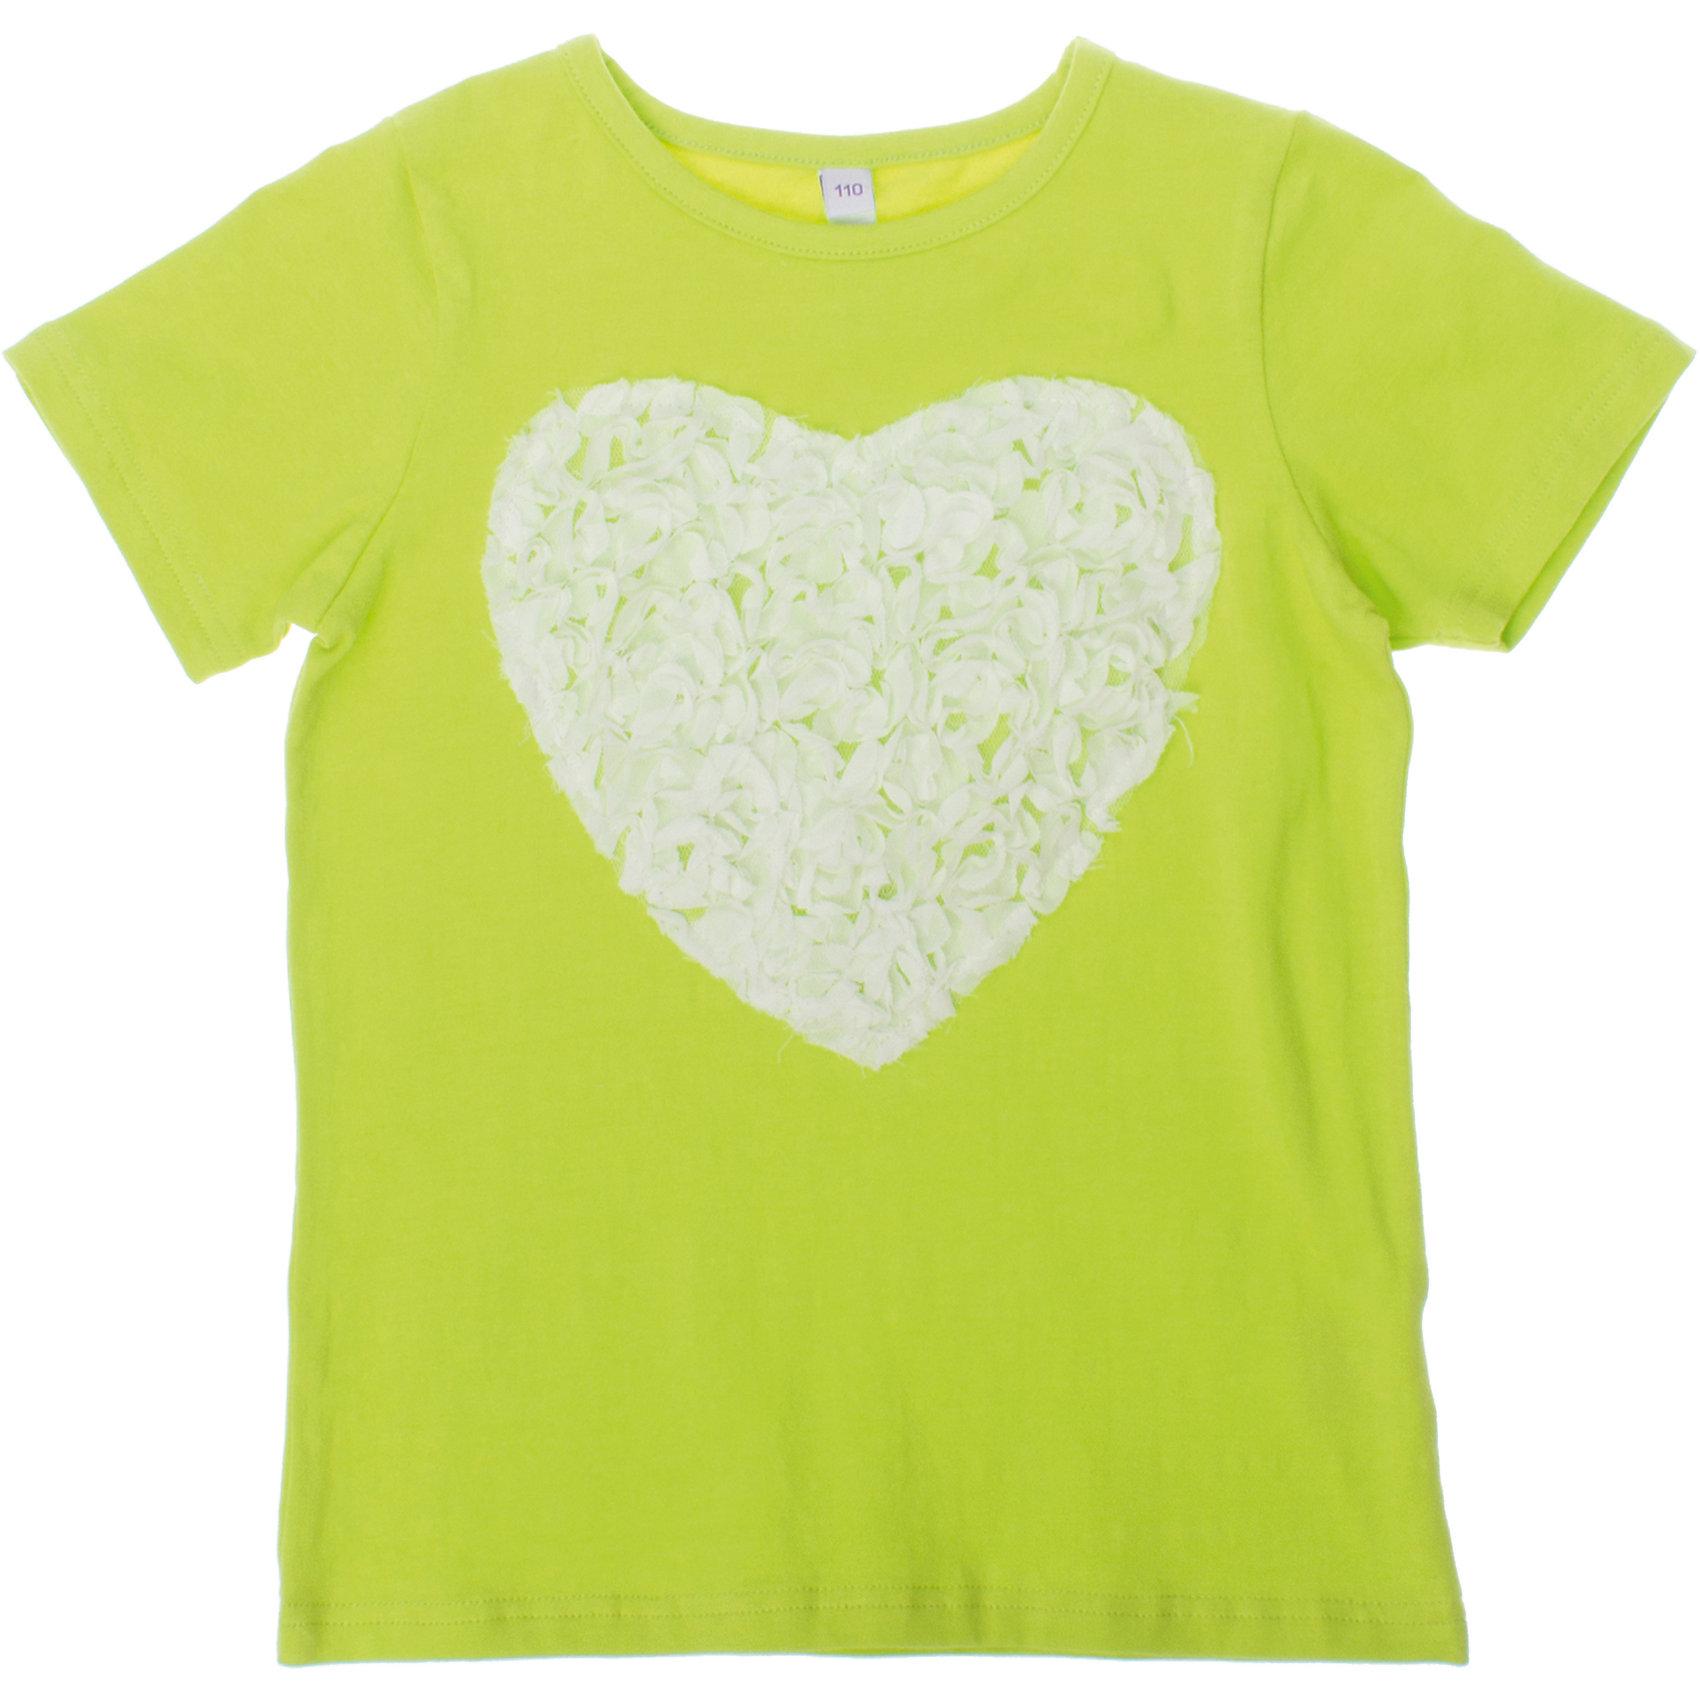 Футболка для девочки PlayTodayФутболки, поло и топы<br>Мягкая хлопковая футболка салатового цвета. Украшена кружевным сердечком. Состав: 95% хлопок, 5% эластан<br><br>Ширина мм: 199<br>Глубина мм: 10<br>Высота мм: 161<br>Вес г: 151<br>Цвет: зеленый<br>Возраст от месяцев: 60<br>Возраст до месяцев: 72<br>Пол: Женский<br>Возраст: Детский<br>Размер: 116,98,128,122,110,104<br>SKU: 4652644